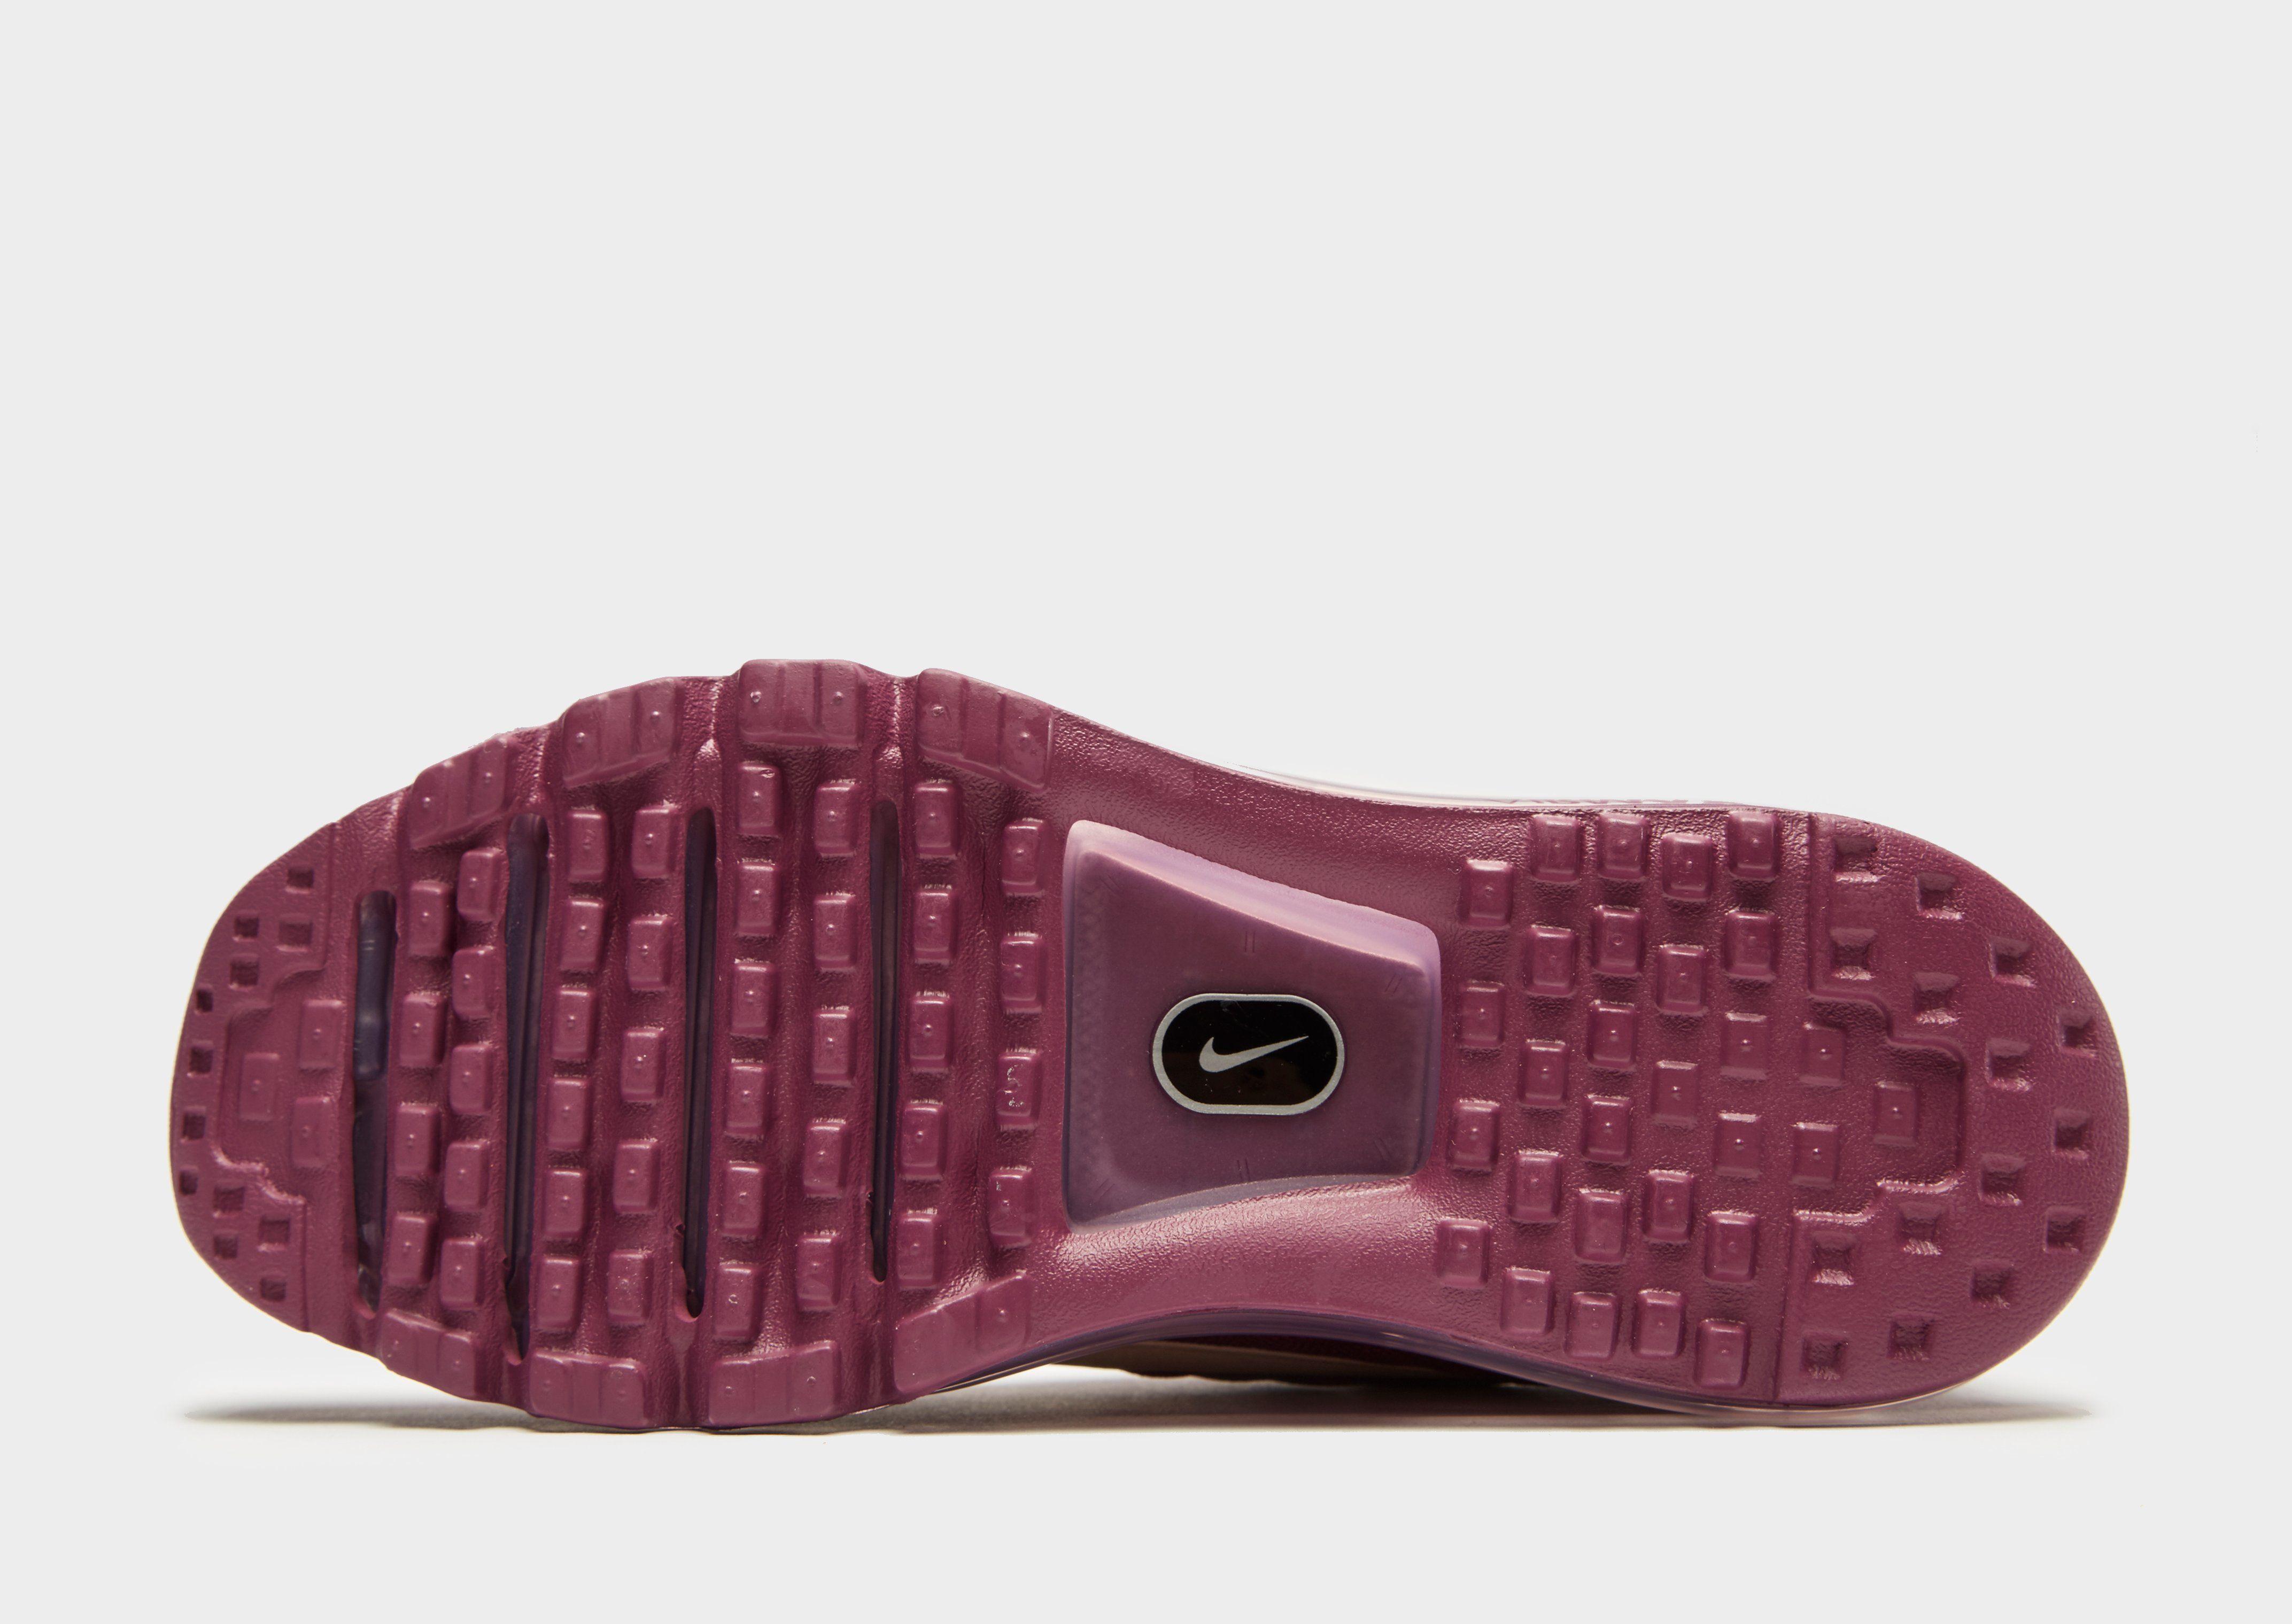 Günstig Kaufen Brandneue Unisex Nike Air Max 2017 Junior Lila Spielraum Ebay 12yPVnfR